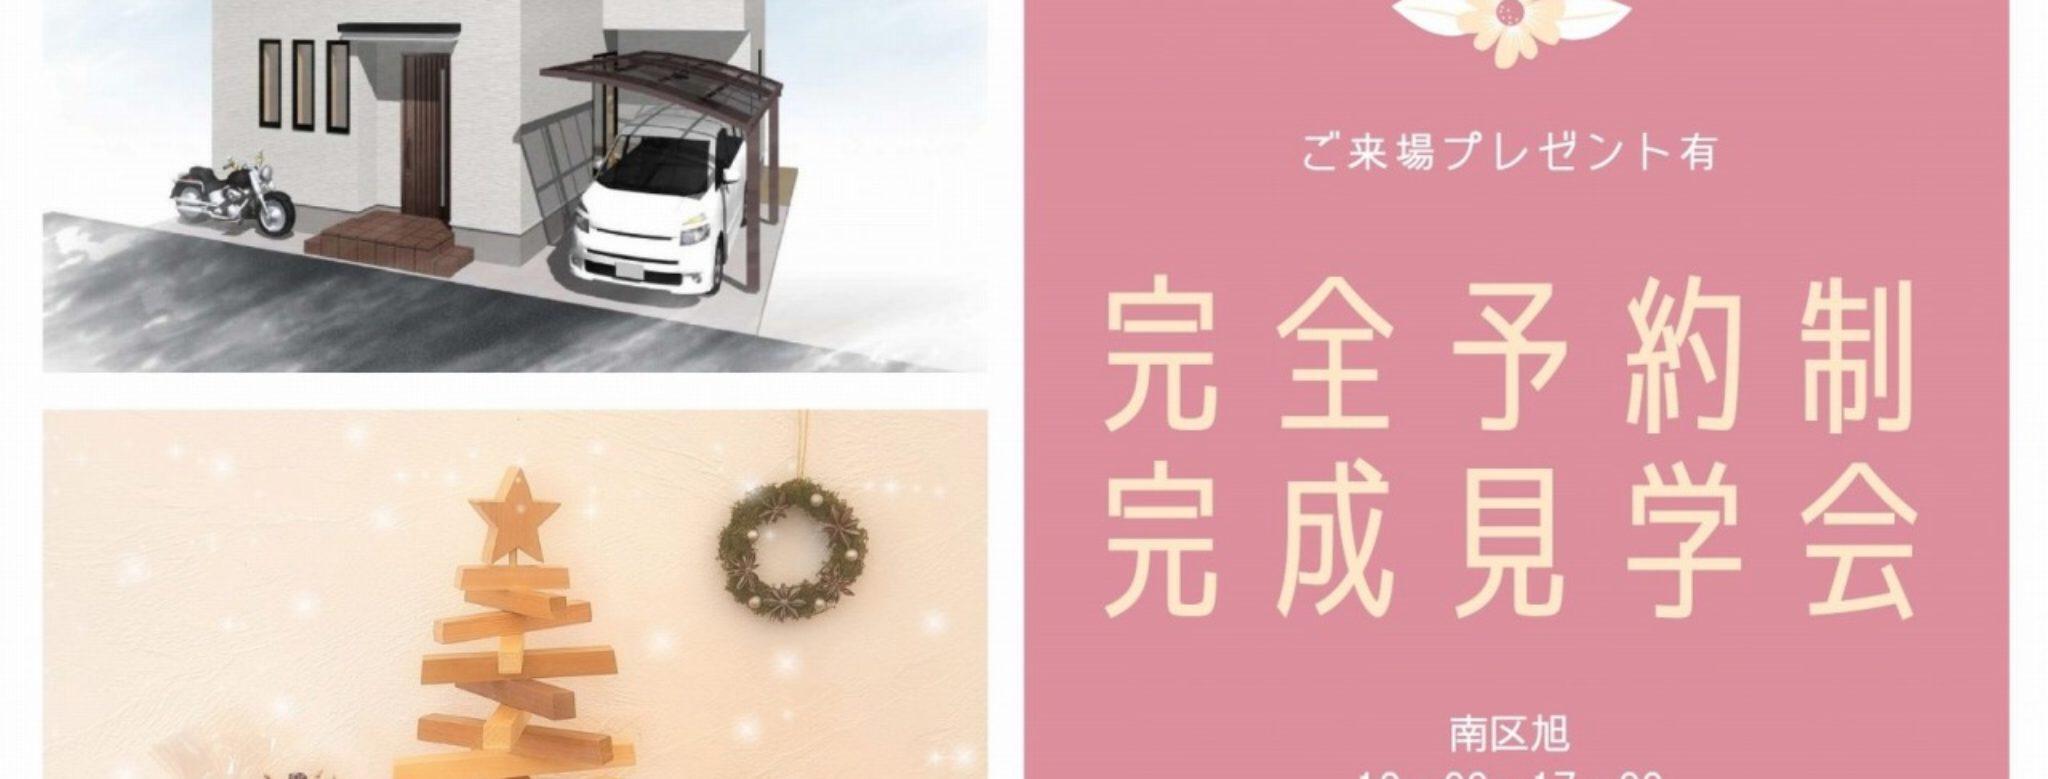 12月12日(土)・13日(日)南区旭 完成見学会